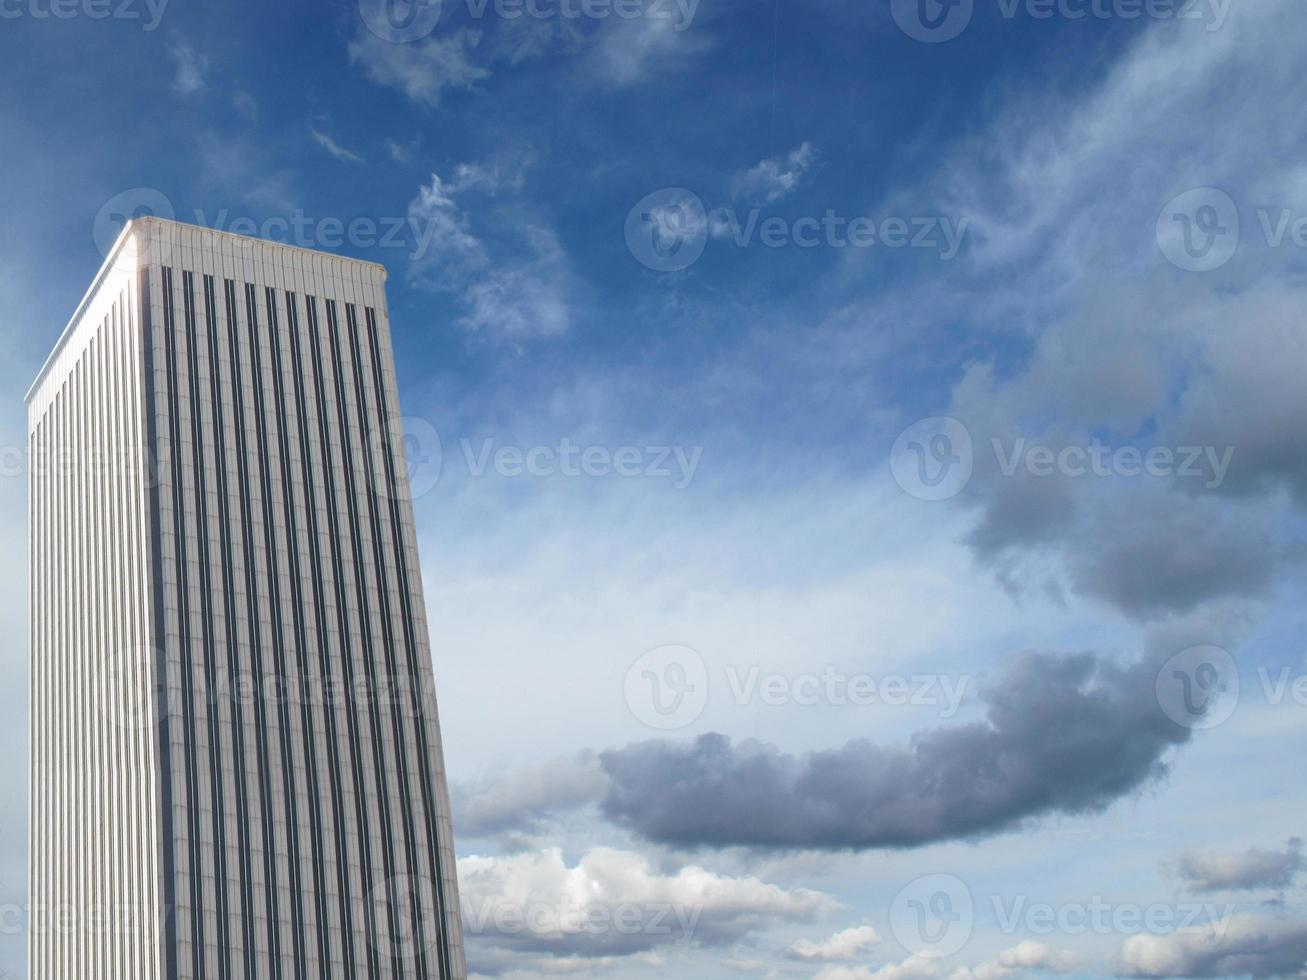 grattacieli solitari foto